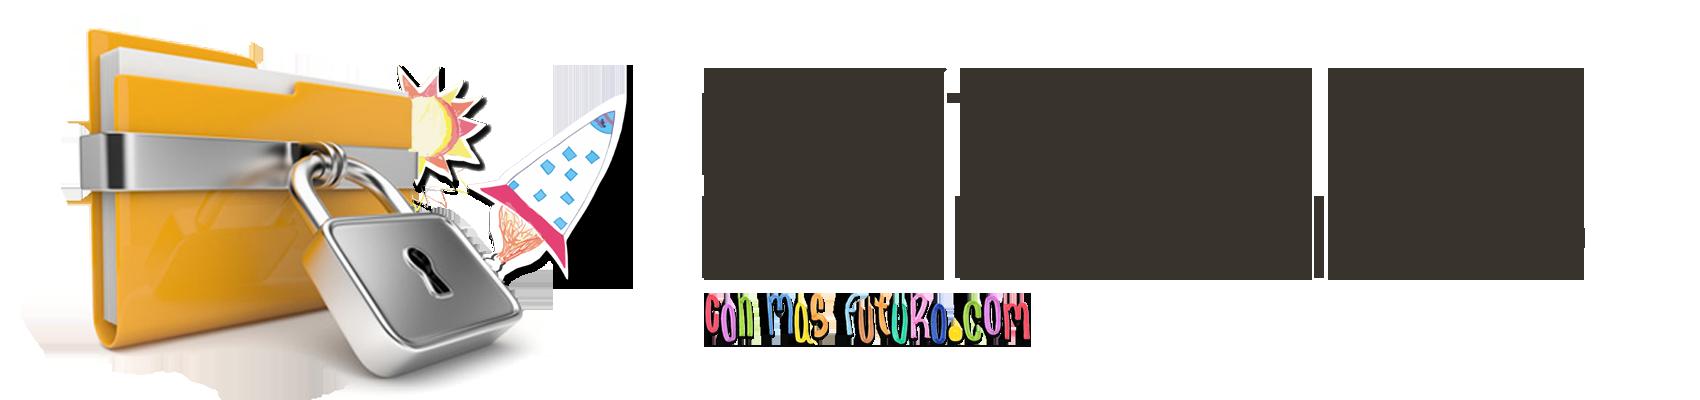 ConMasFuturo.com Política de Privacidad